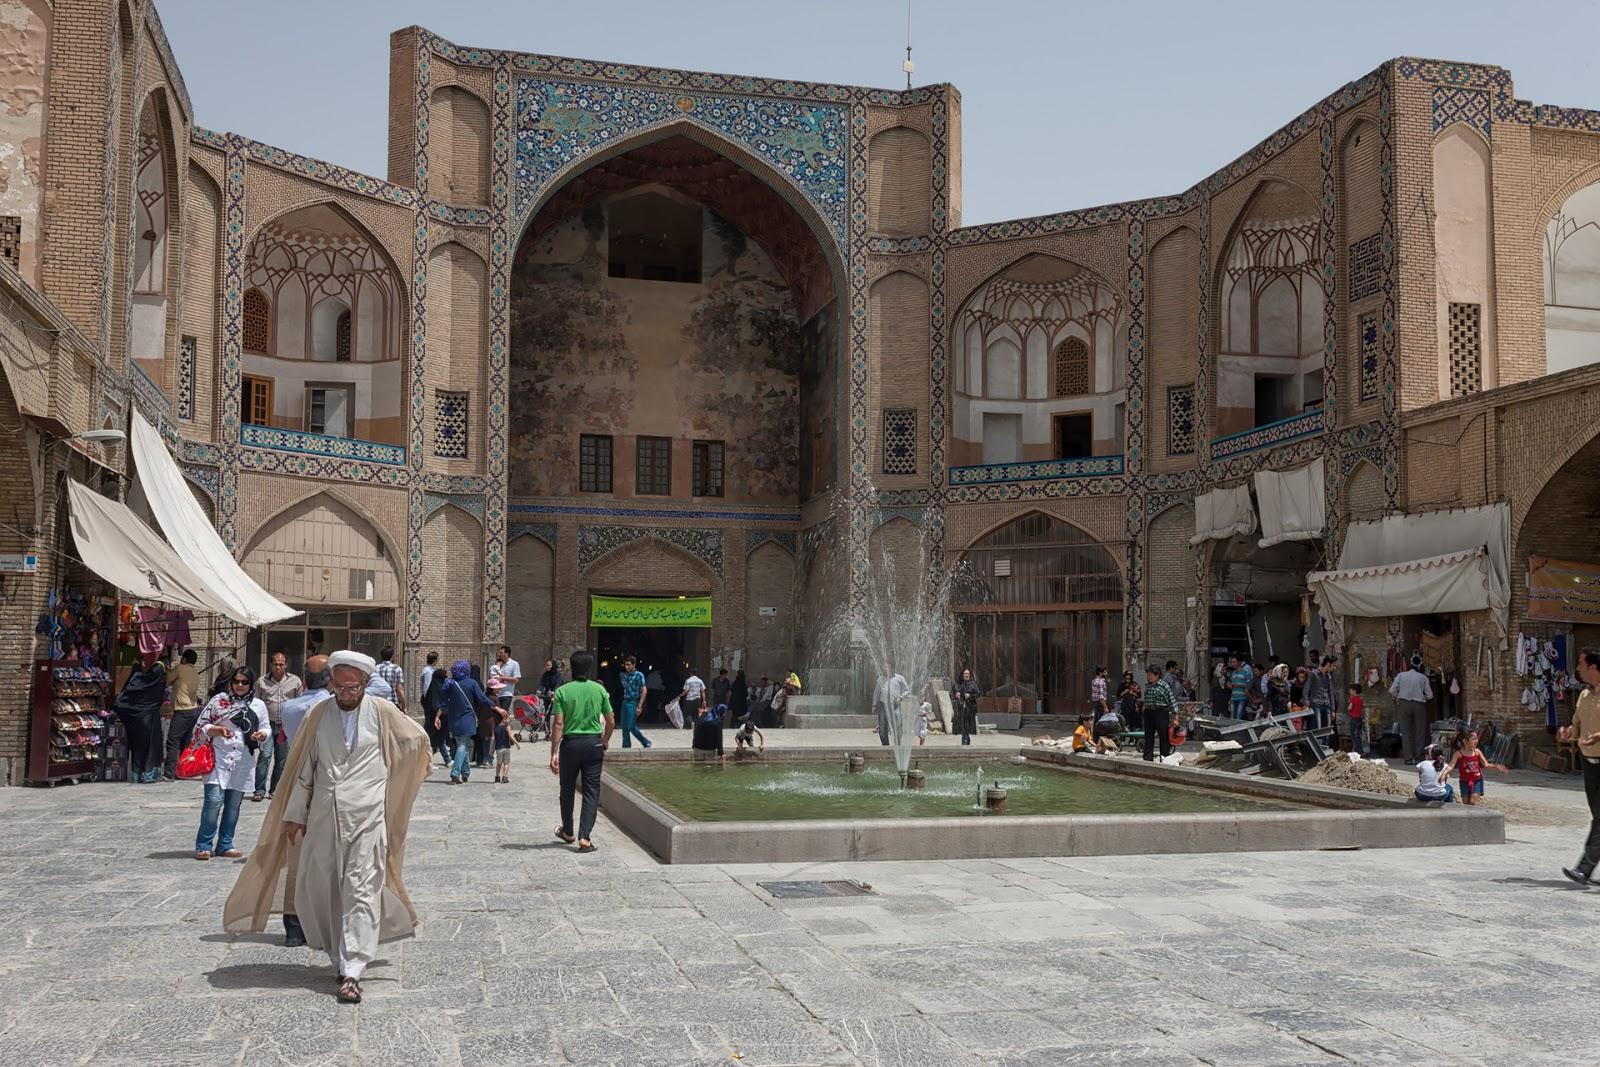 wejście do bazaru,Isfahan,Iran